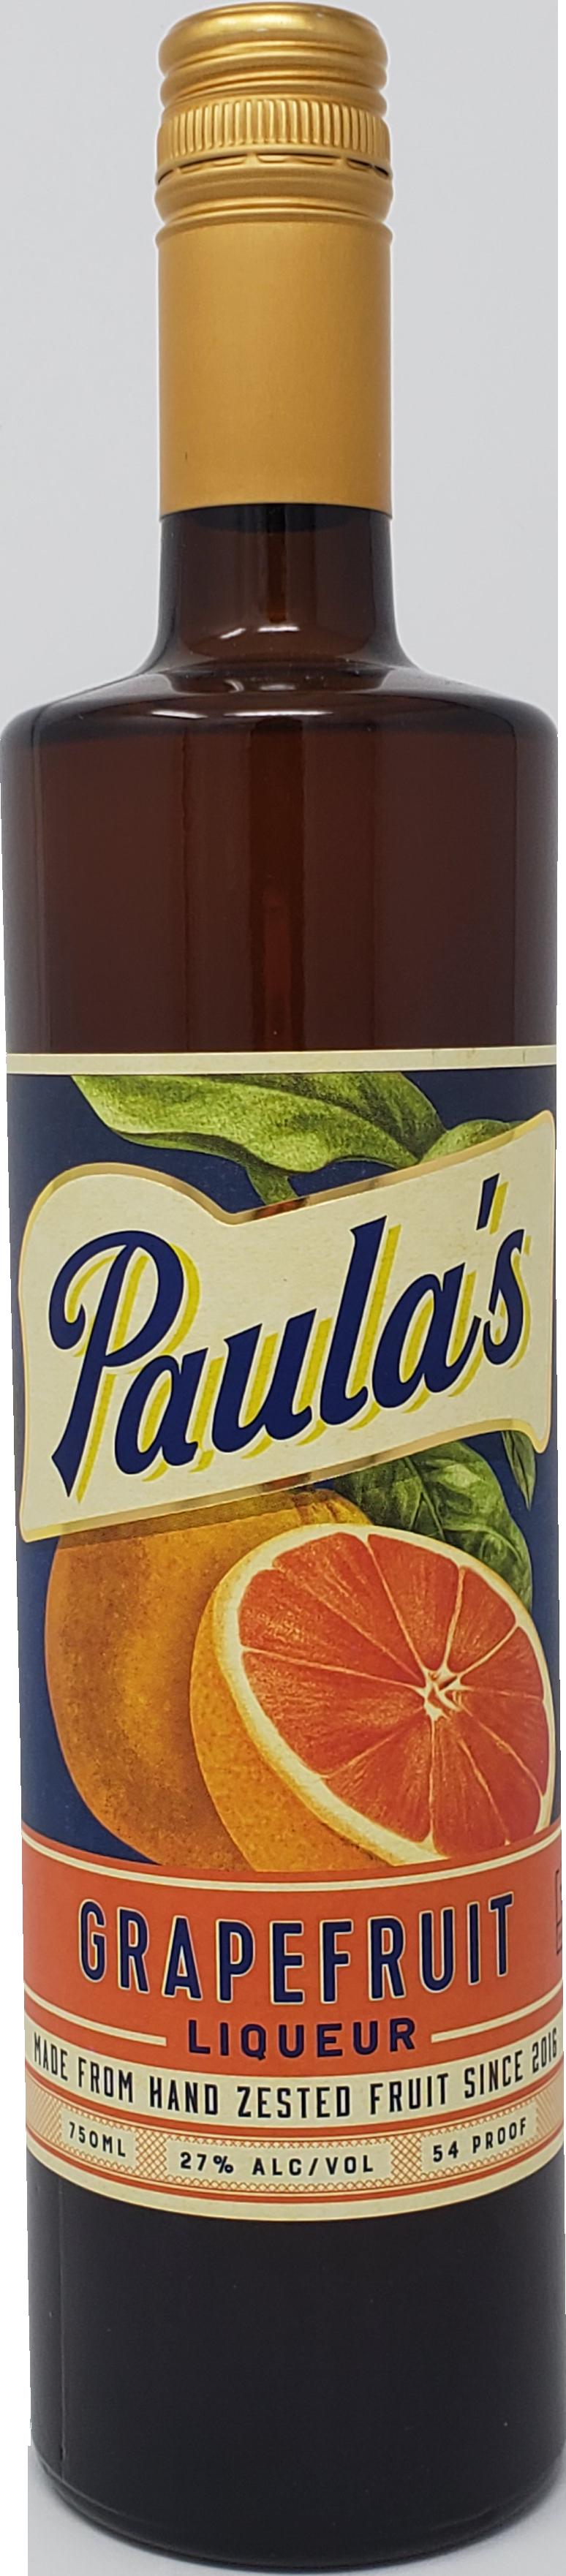 PAULAS GRAPEFRUIT.png